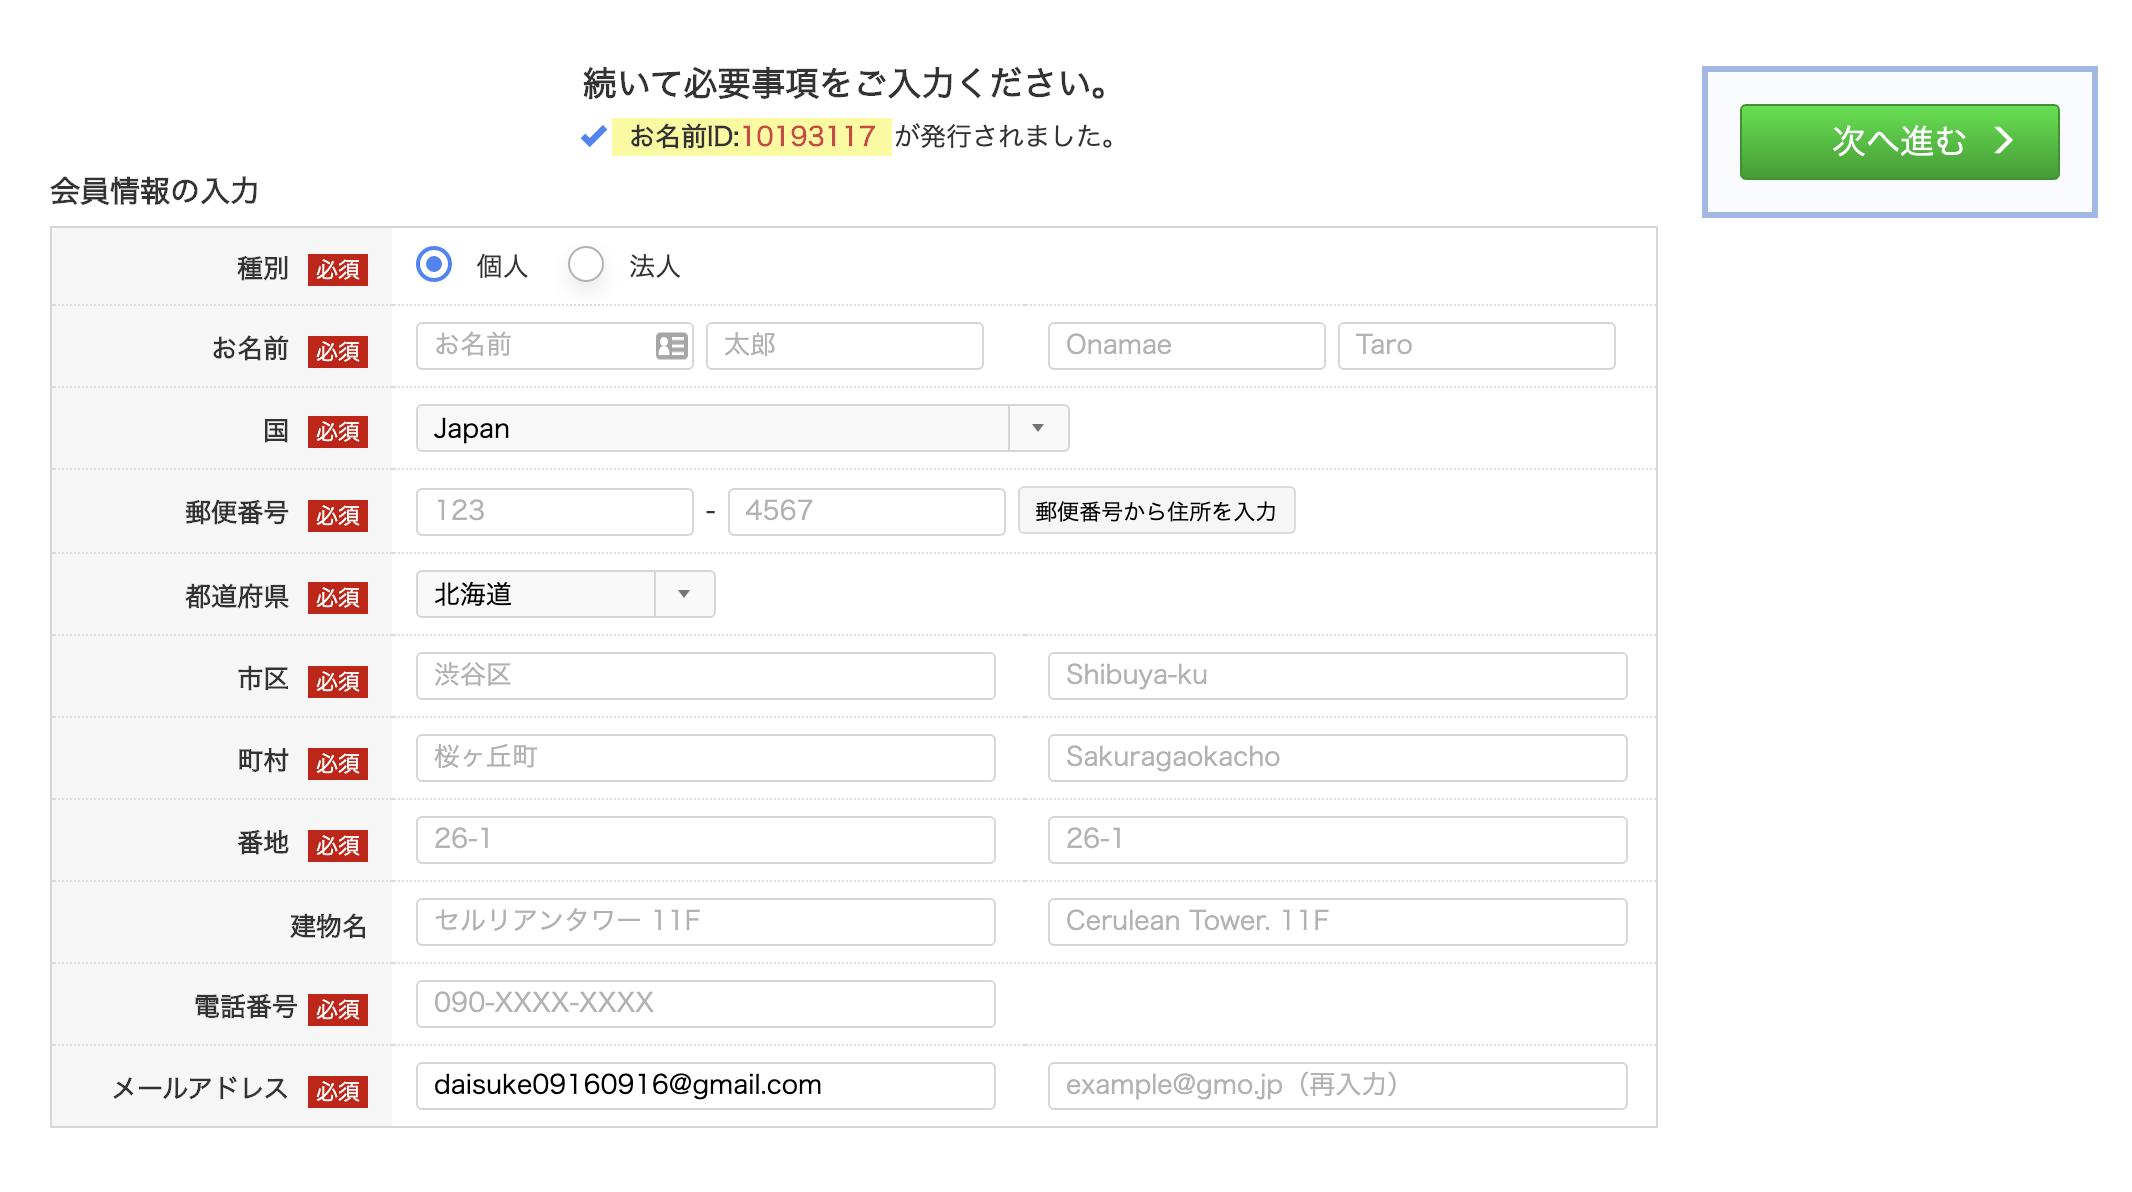 スクリーンショット 2020-05-06 20.03.56